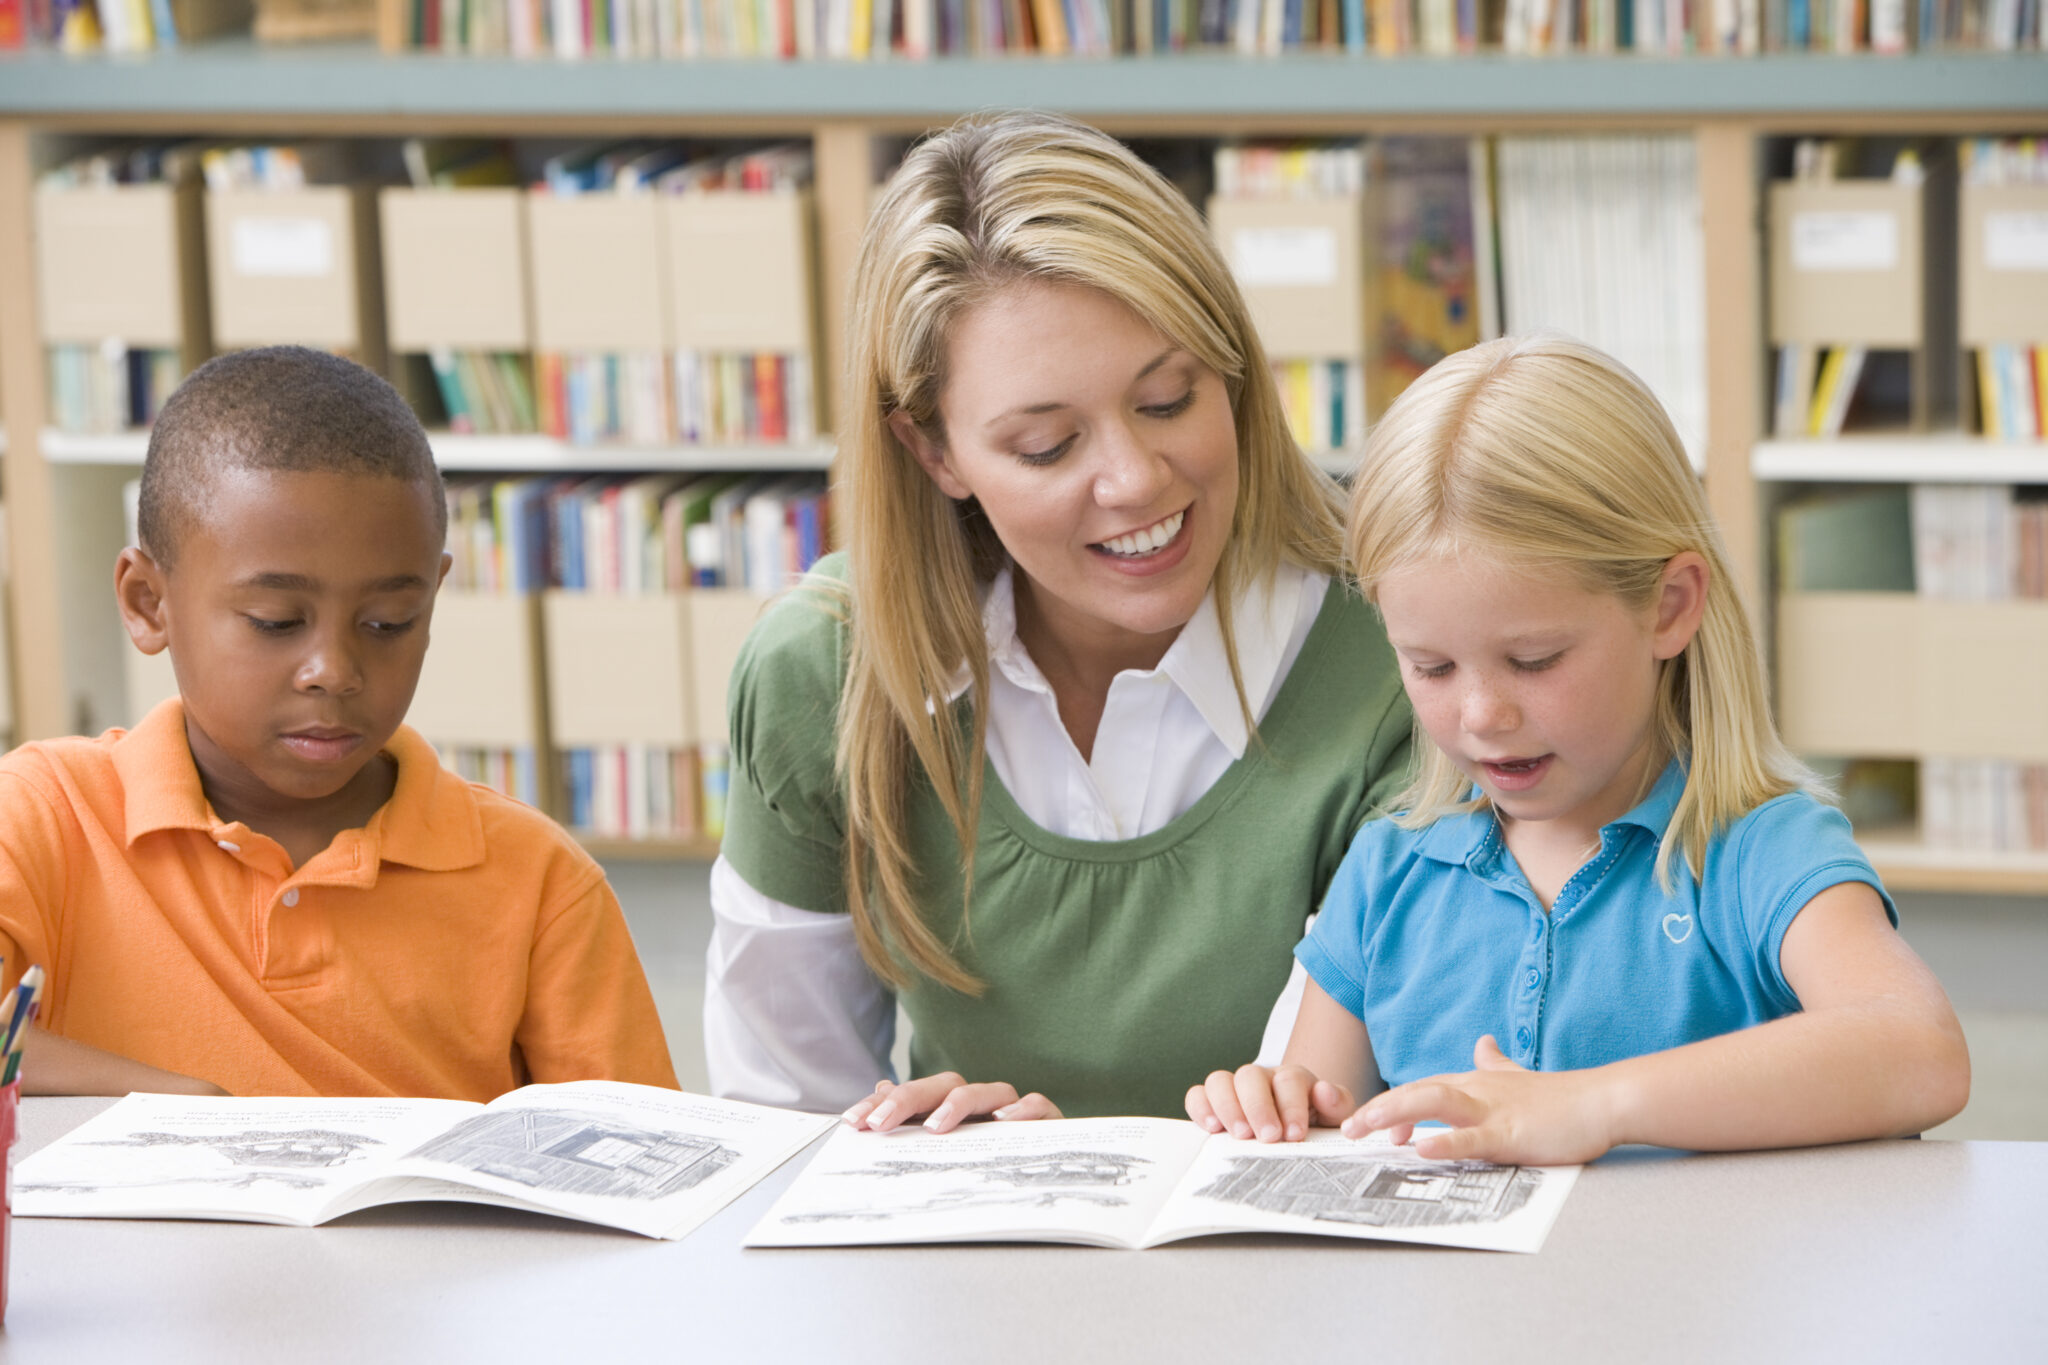 empleo docente, trabajo profesor badajoz, empleo profesor badajoz, empleo para profesores